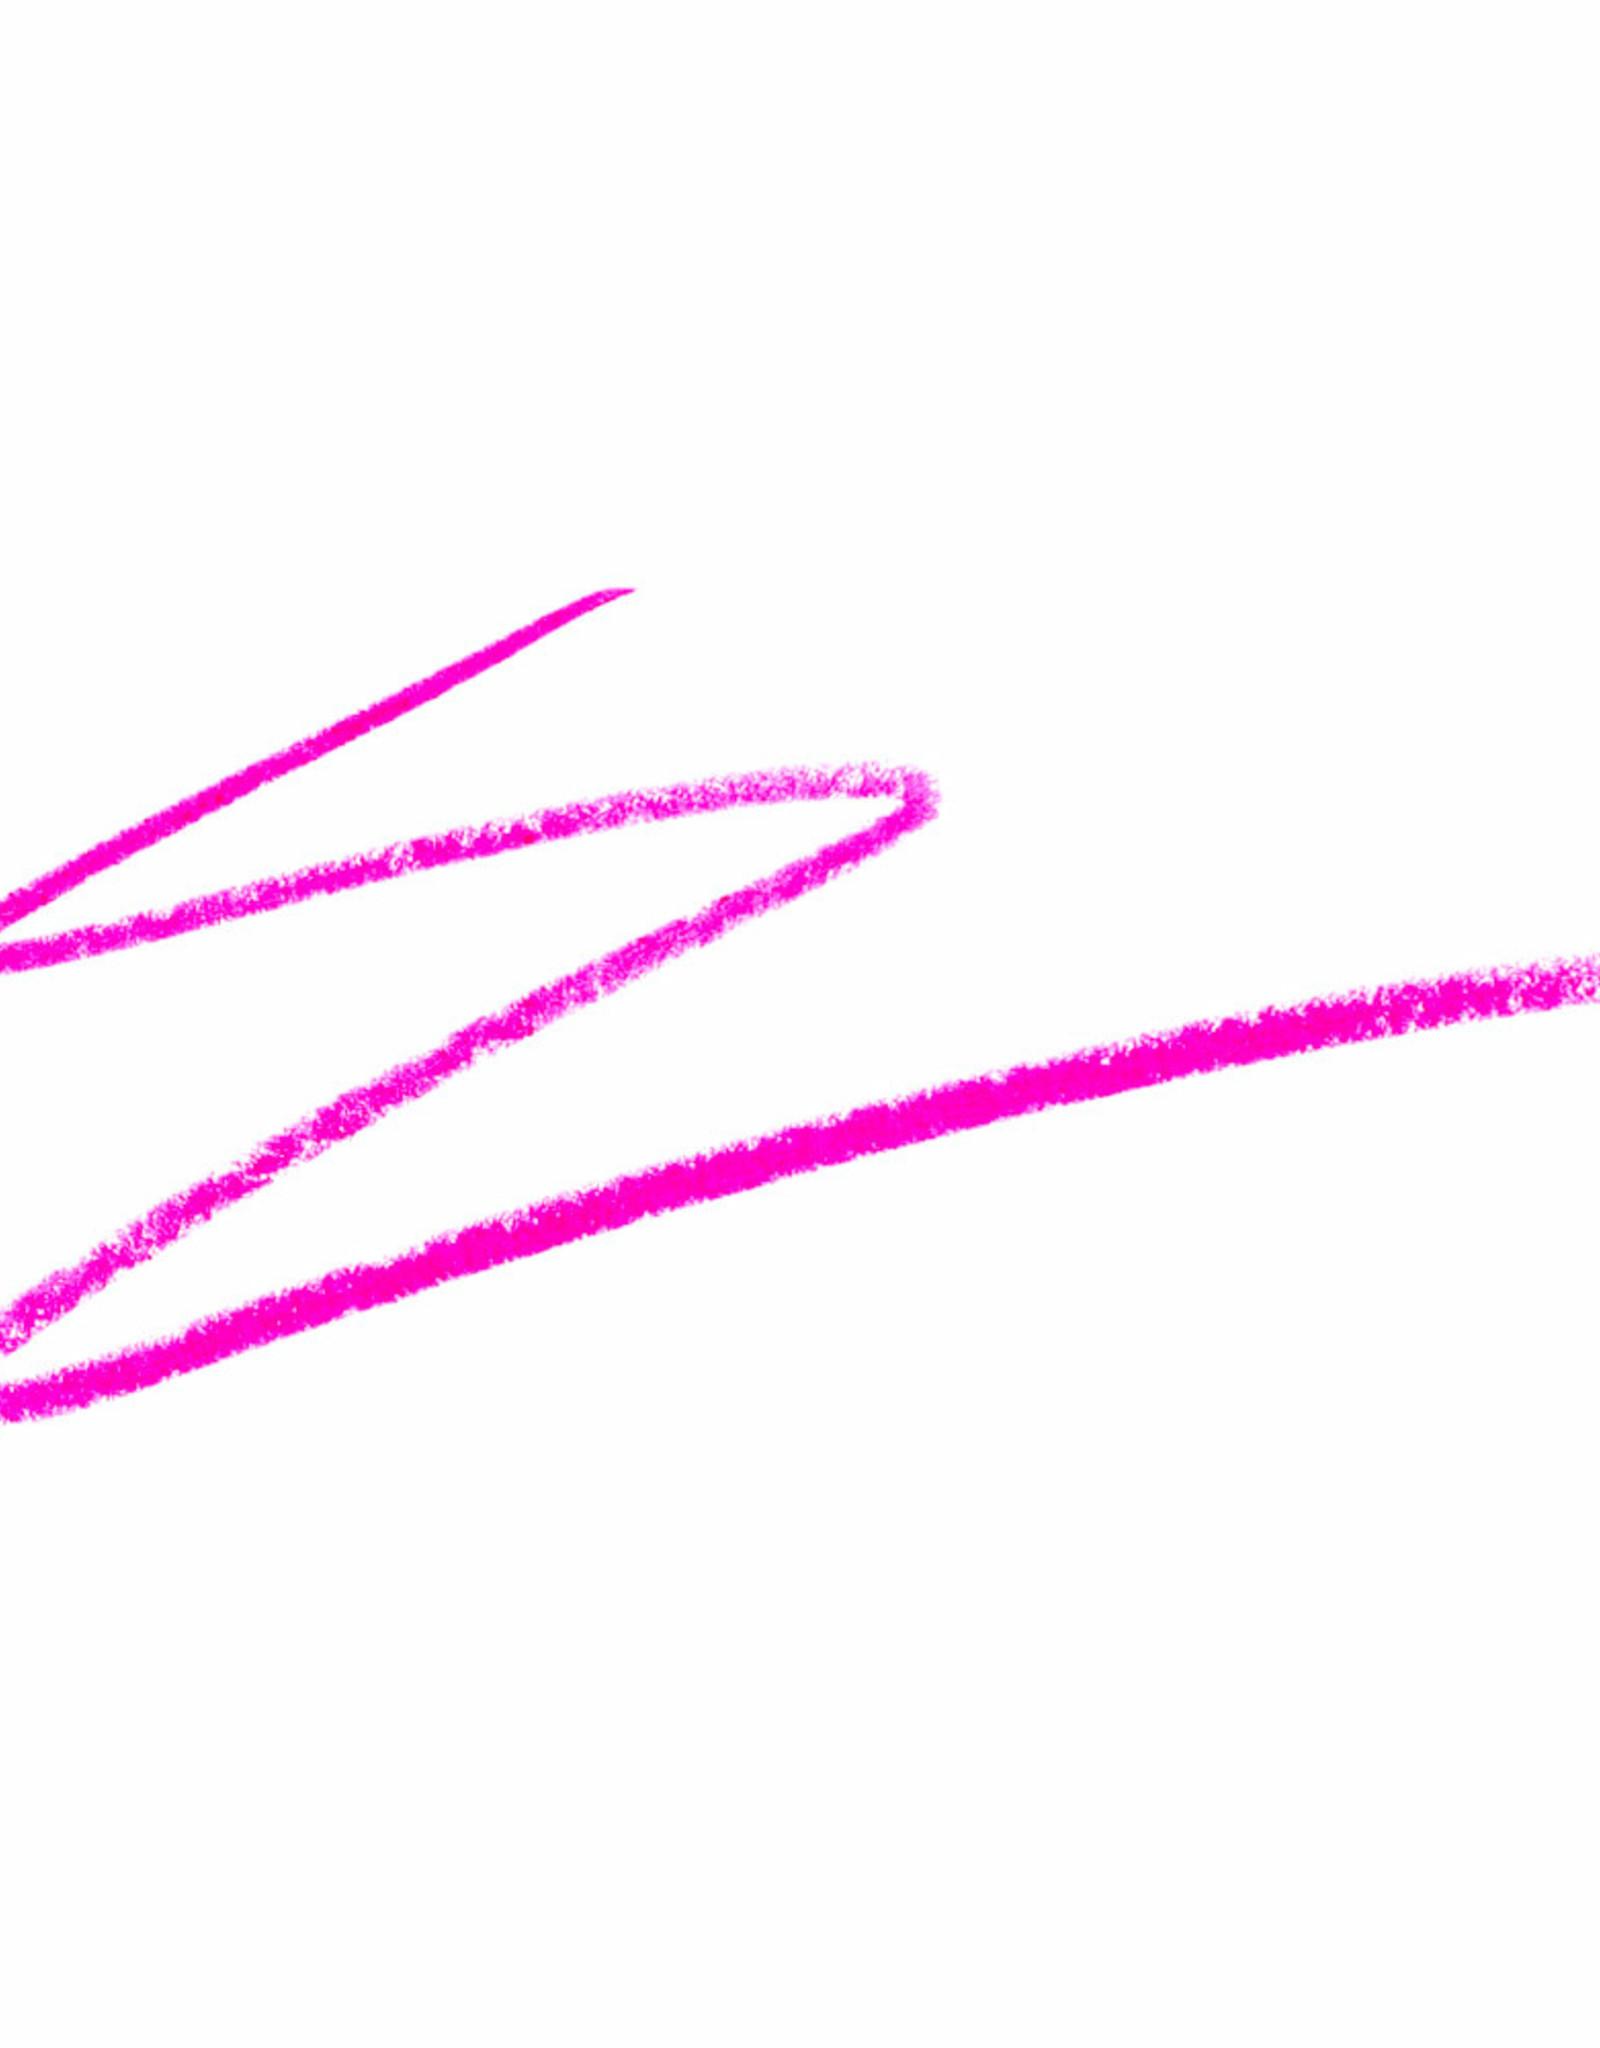 Ben Nye LIP COLOUR PENCIL, SUPER PINK, .065 OZ